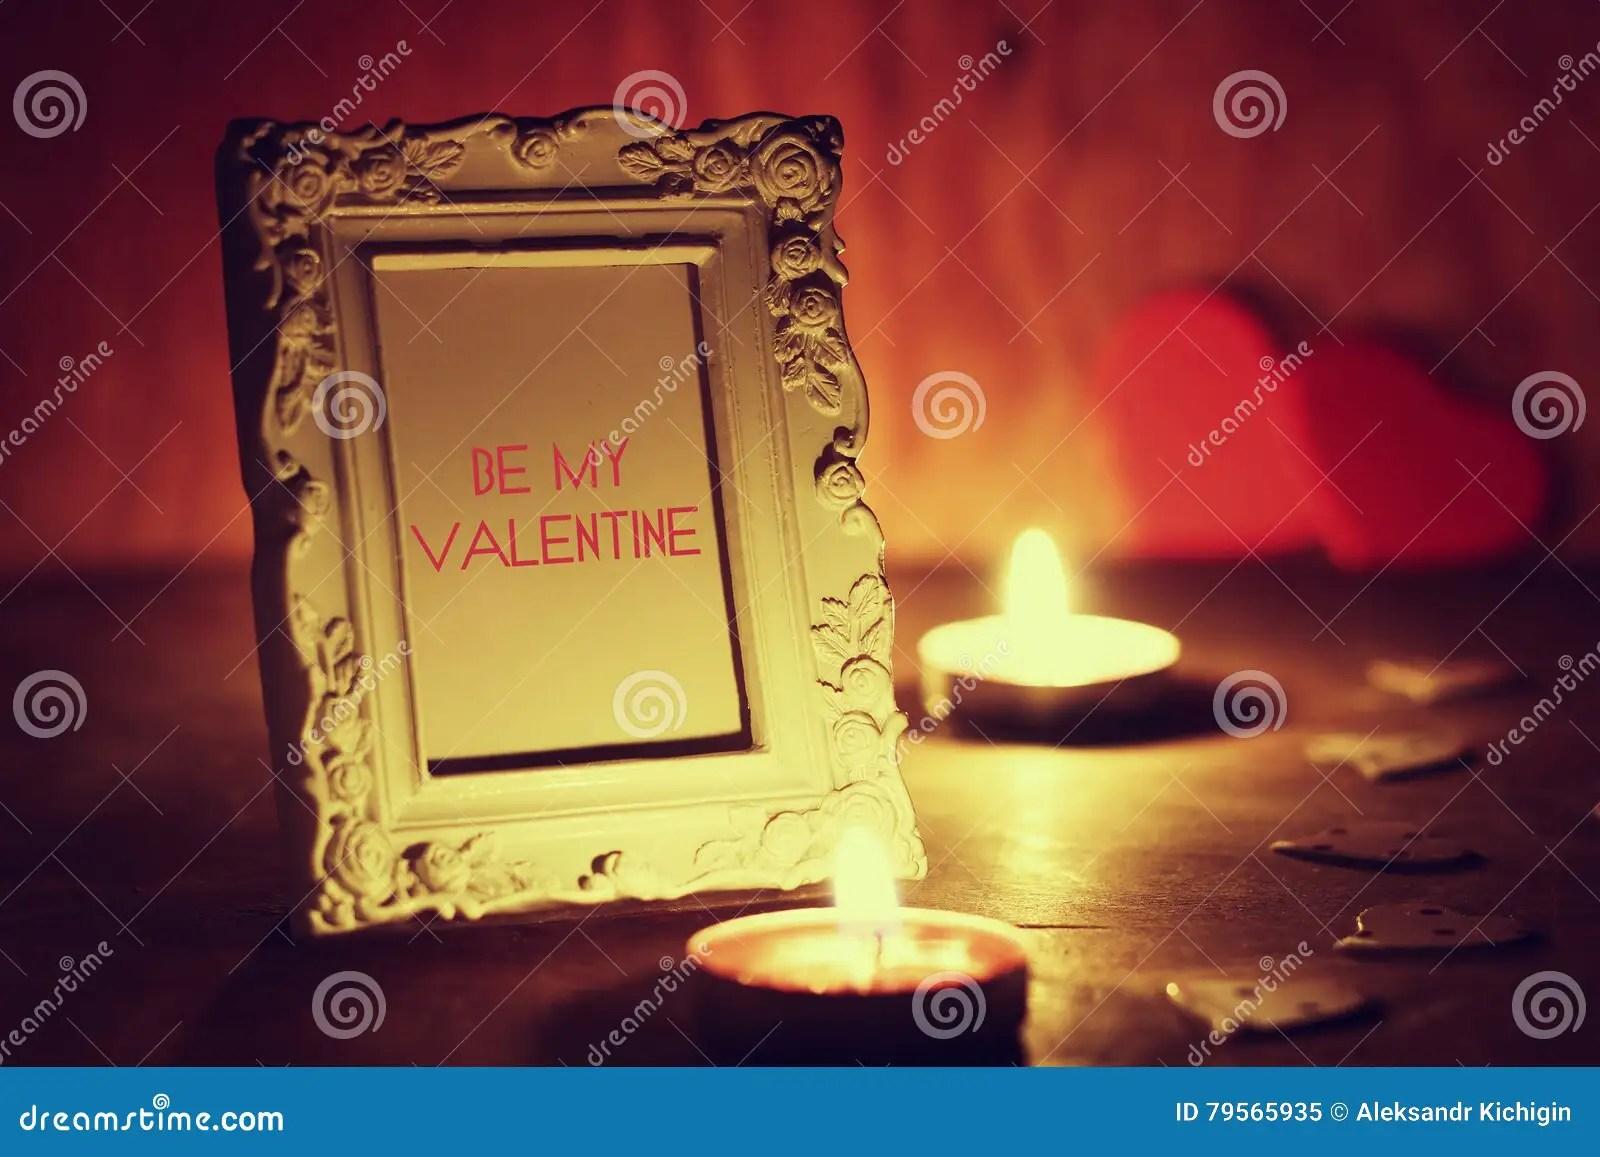 Valentine X27 STag Leuchtet Wein Durch Stockfoto  Bild